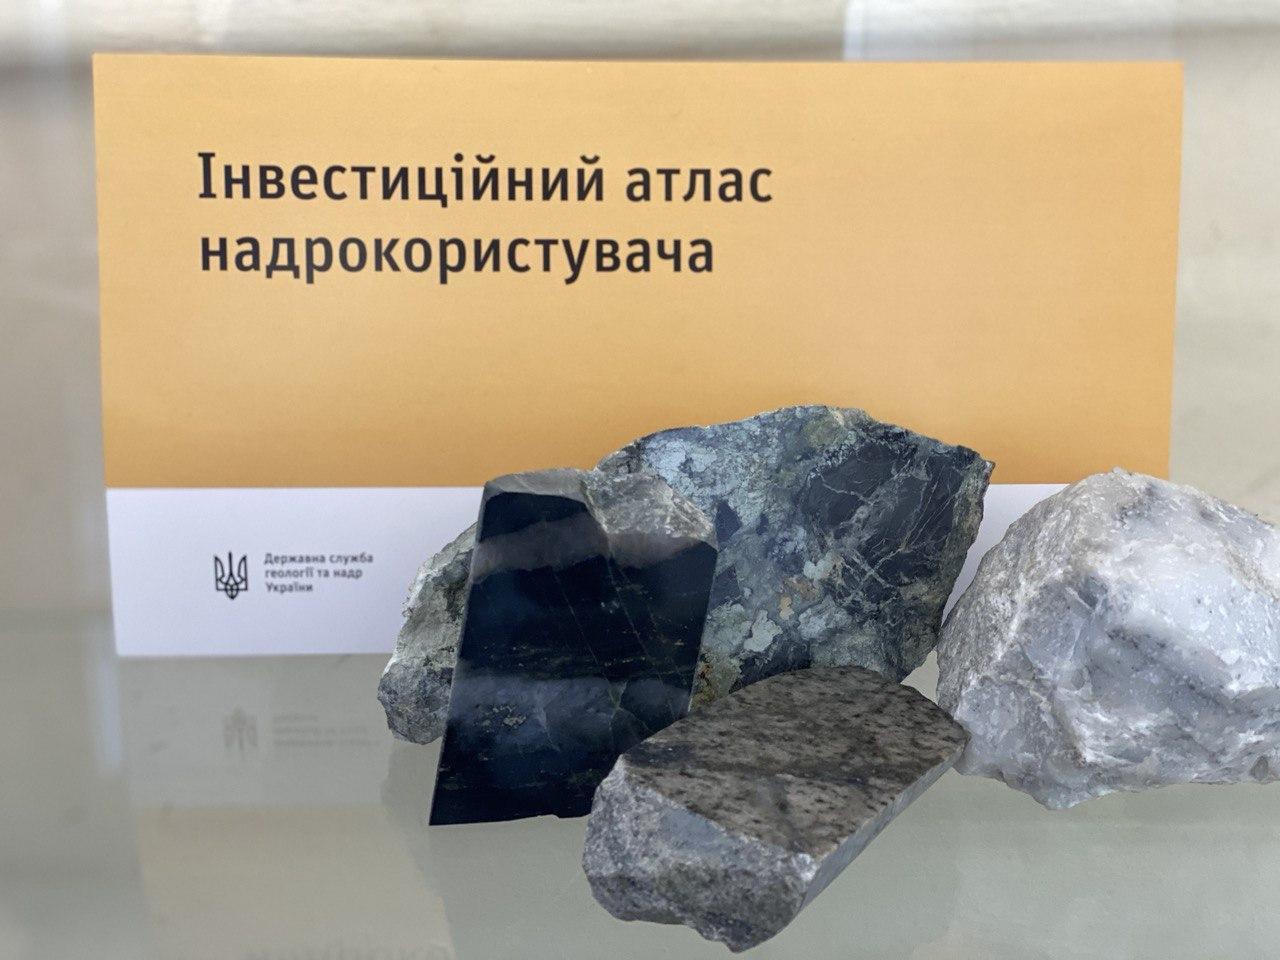 Госгеонедра выставили на аукцион 11 новых объектов